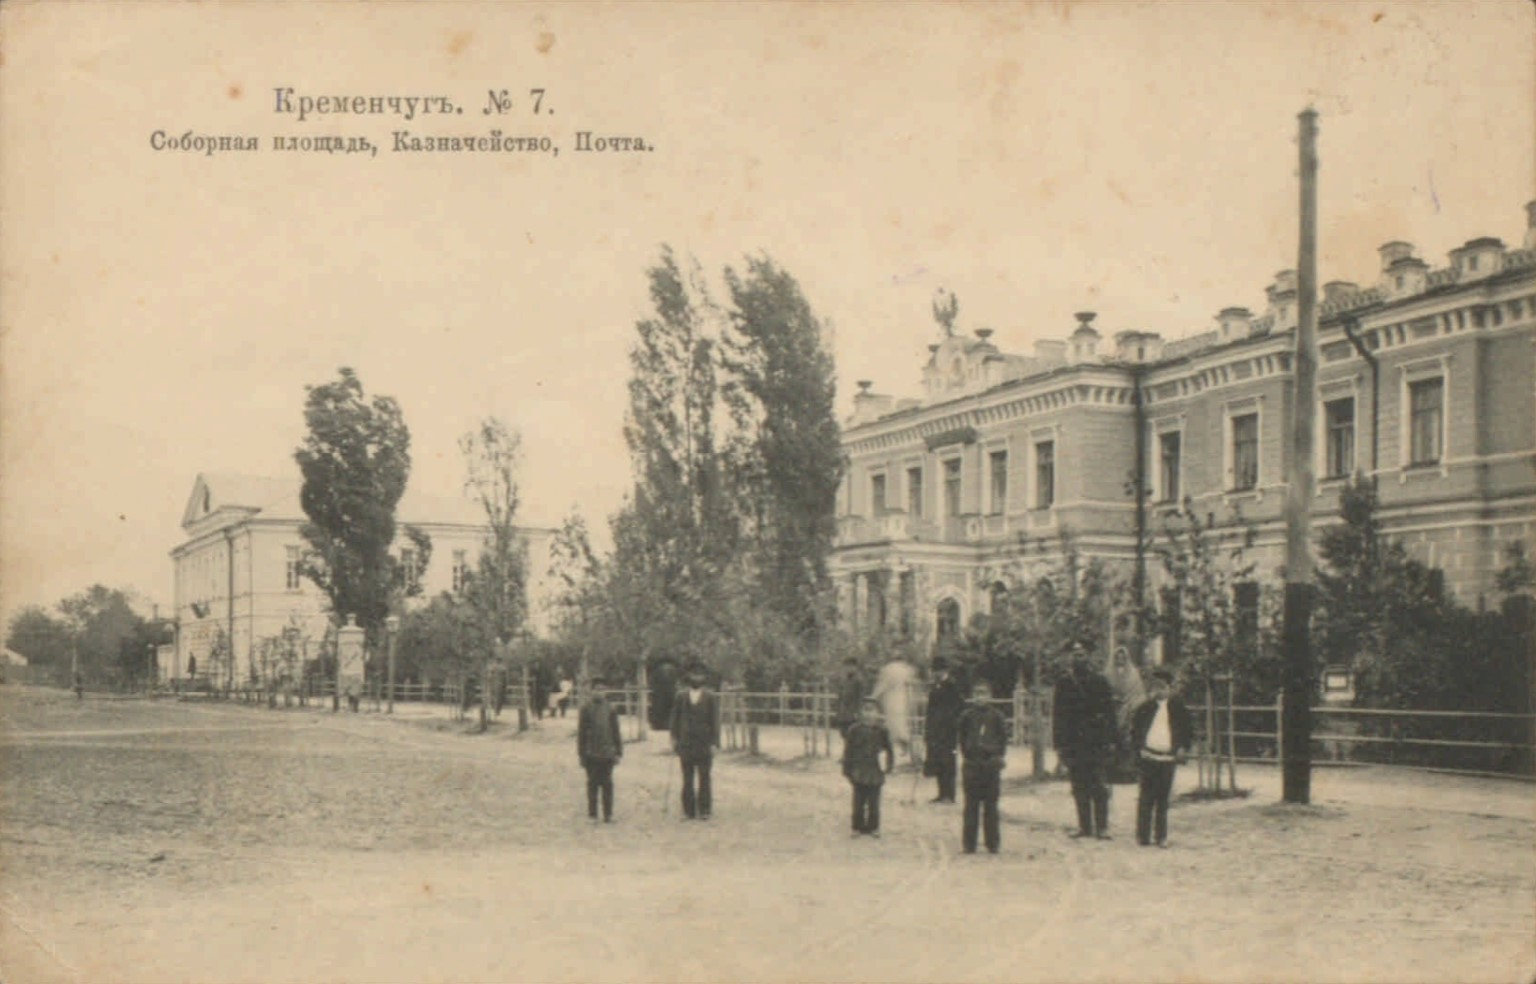 Соборная площадь, Казначейство, Почта